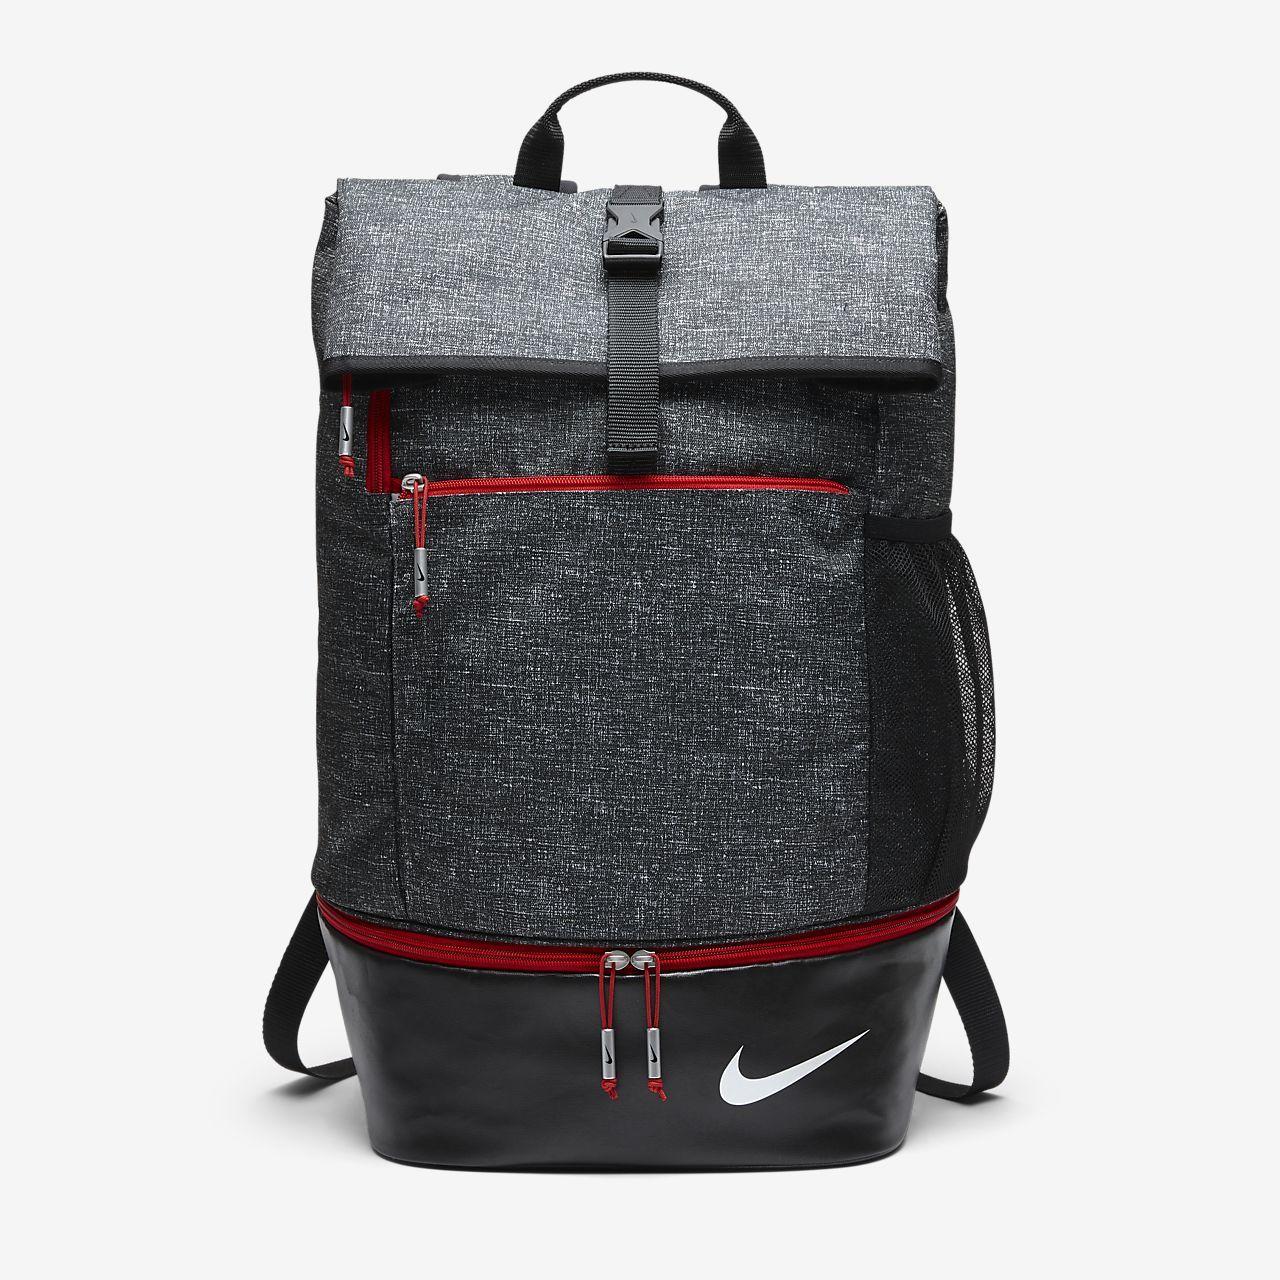 Nike Sport Backpack in 2019 Nike sport backpack, Gym